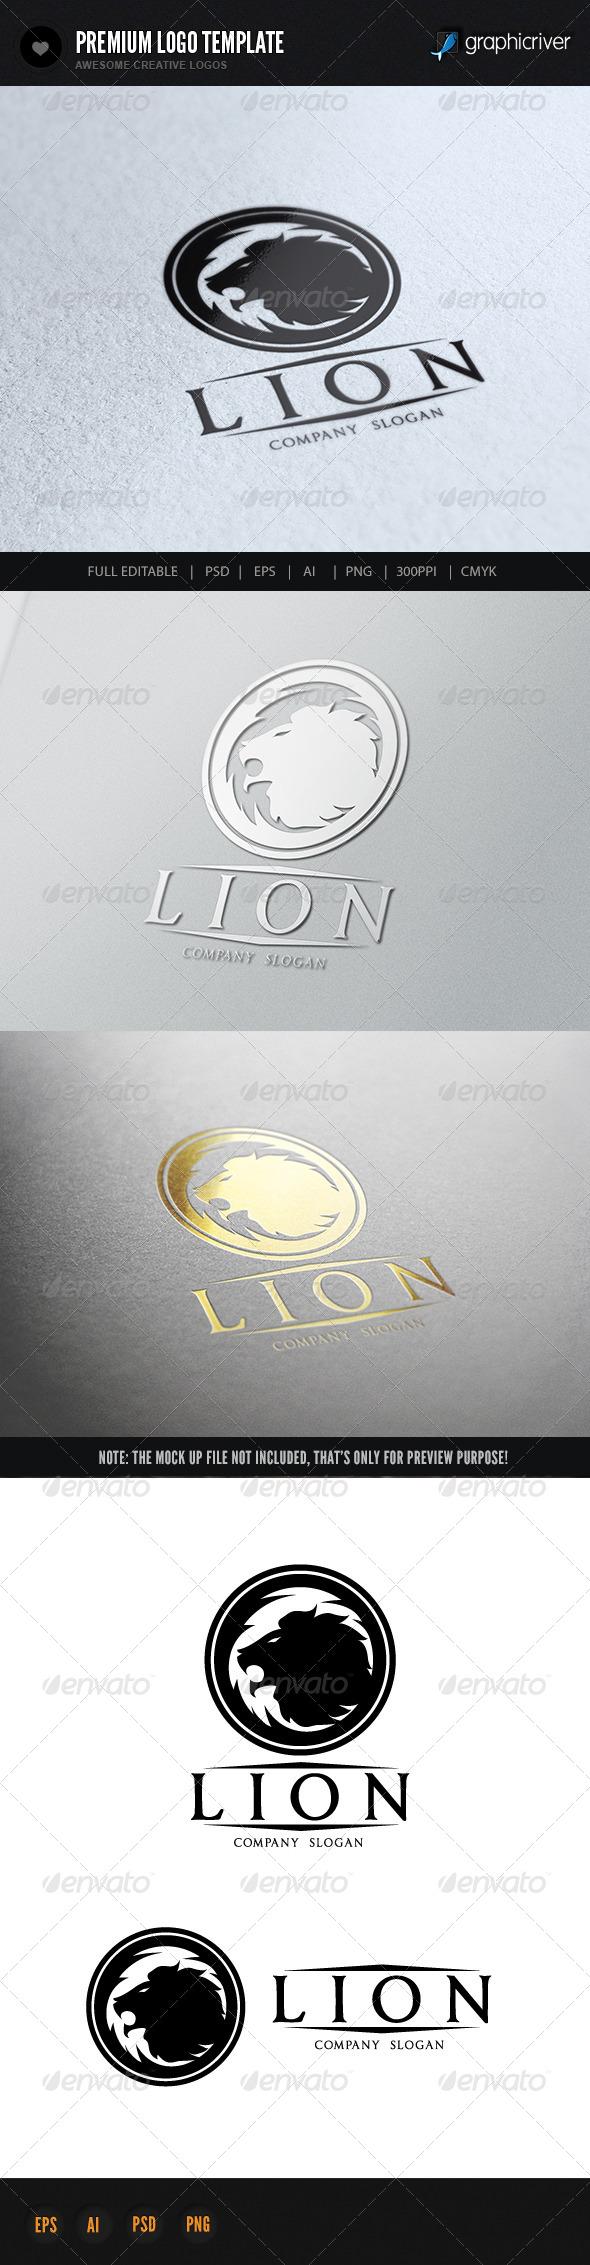 lion-company